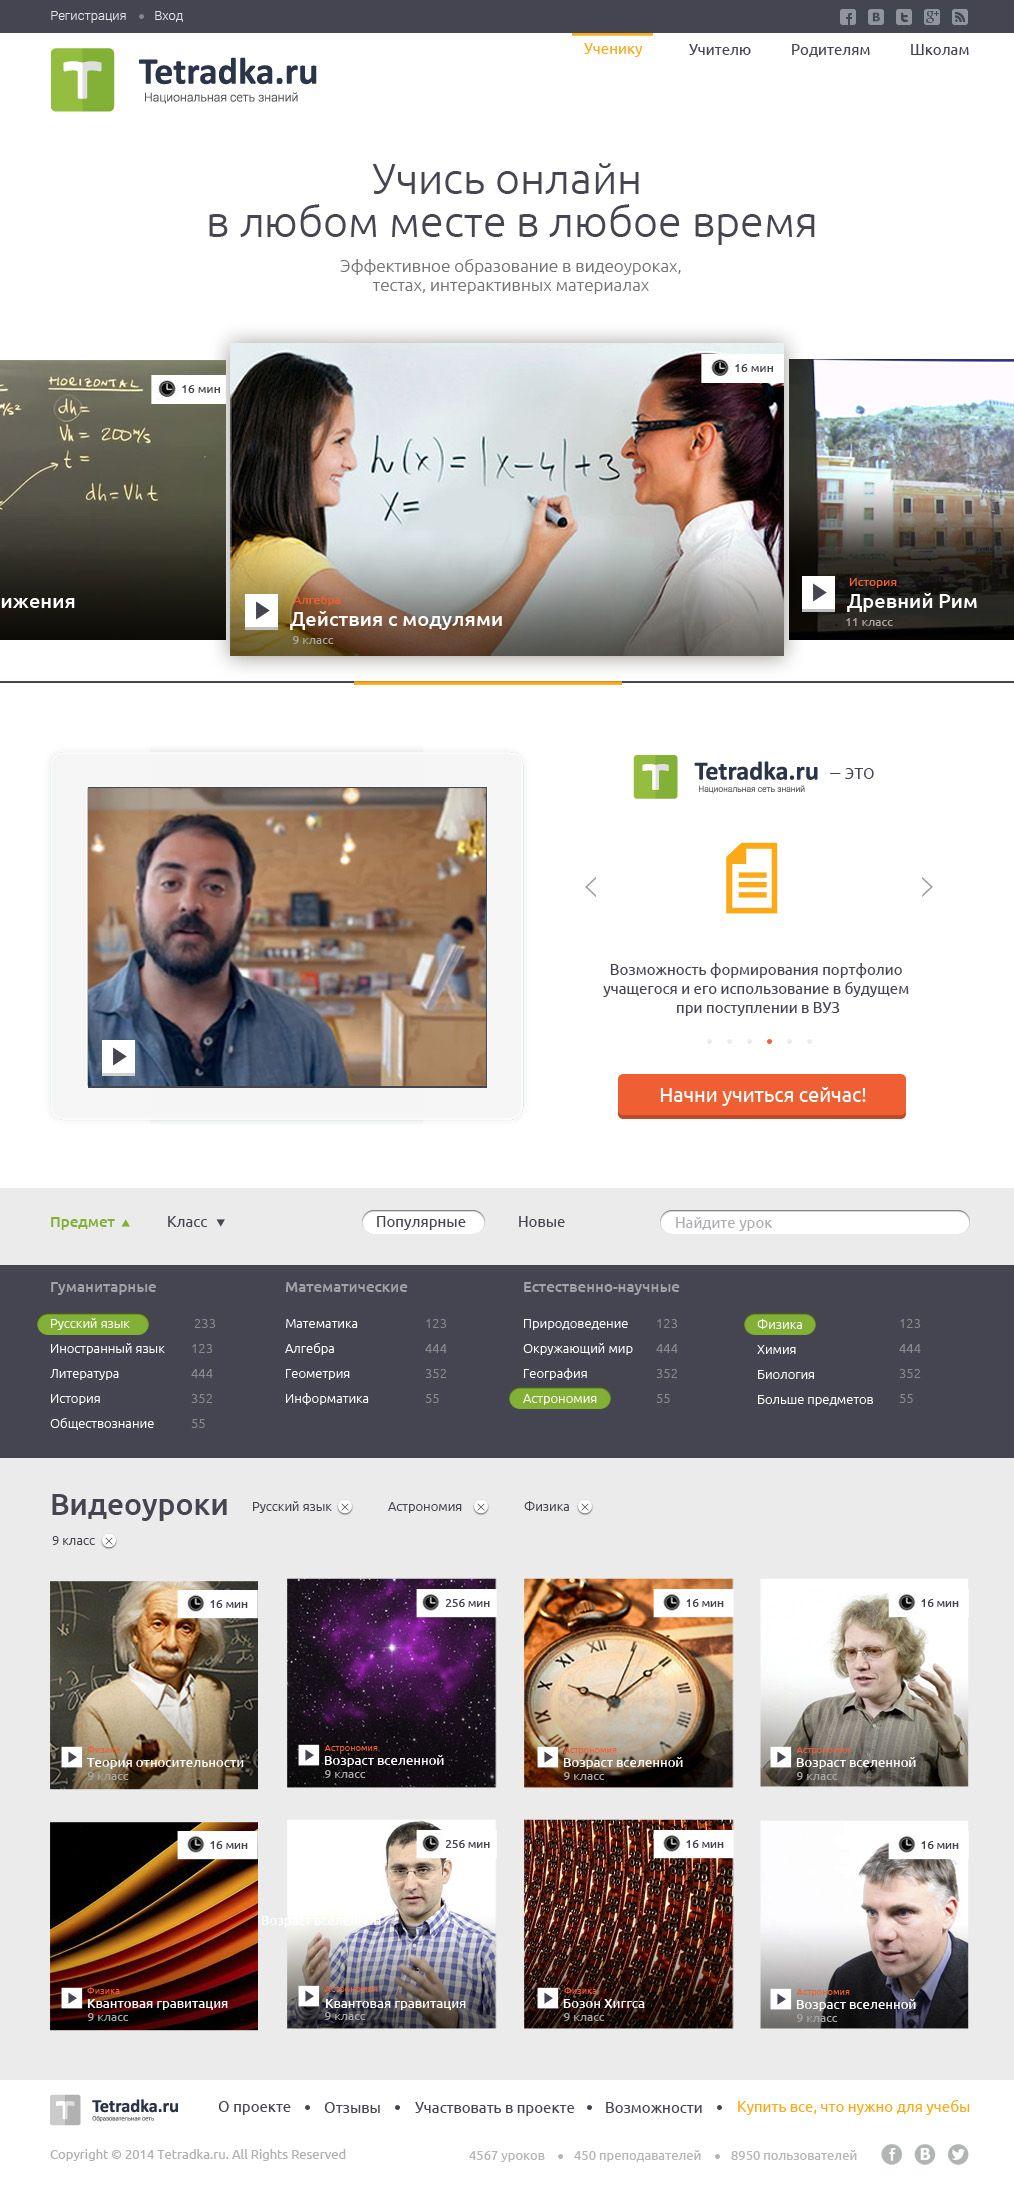 Главная страница образовательной сети tetradka.ru - дизайнер Espira